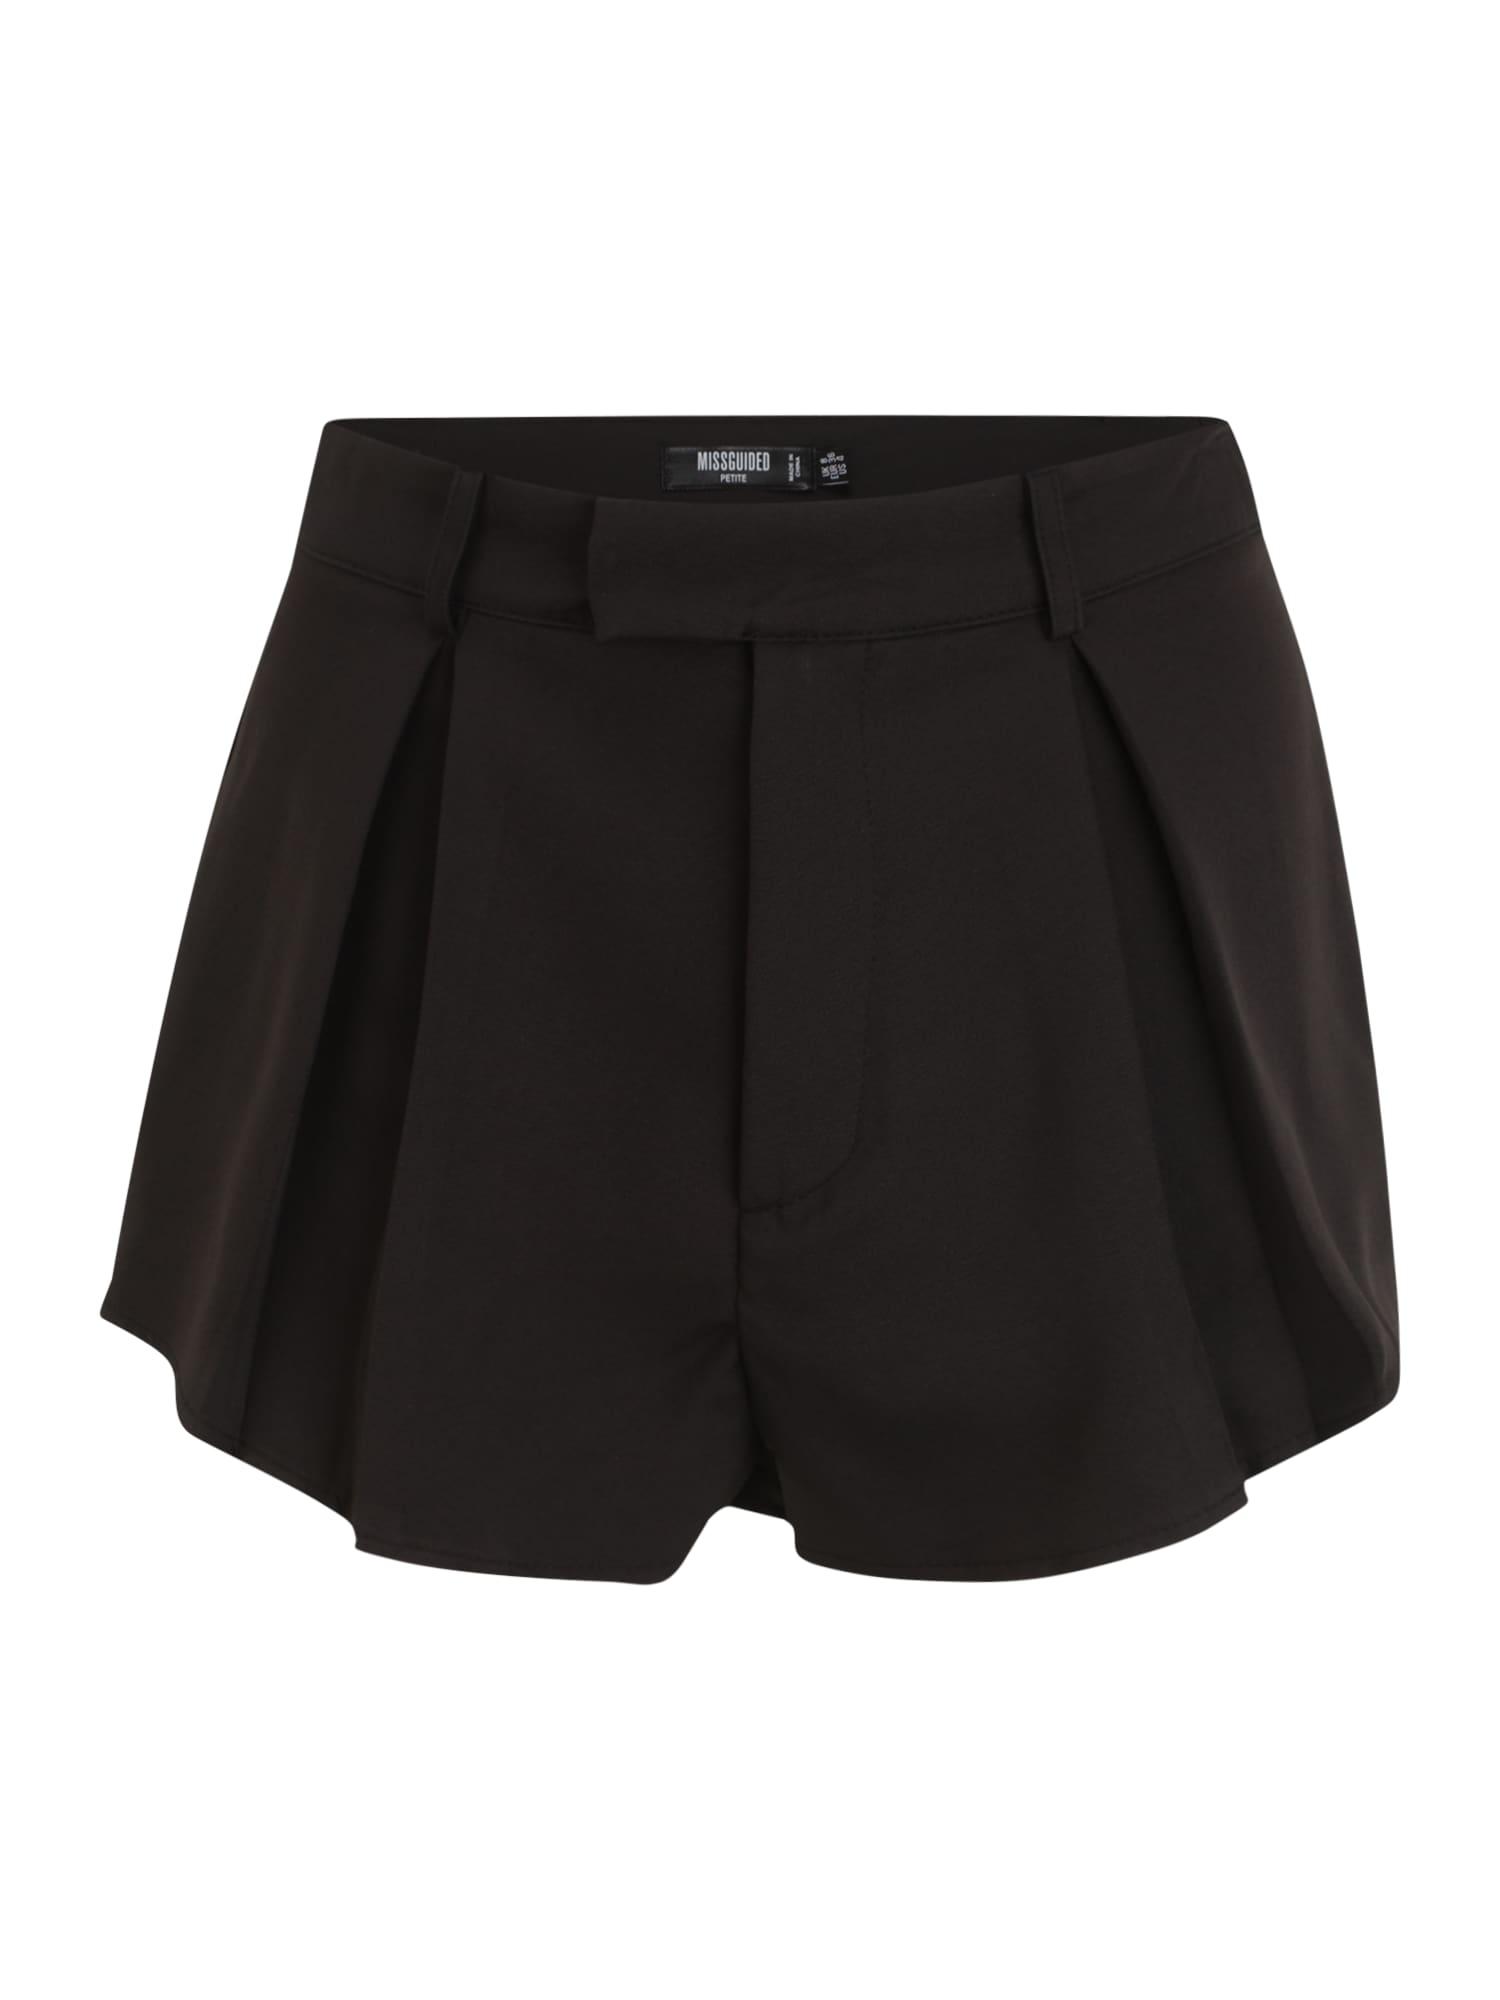 Missguided Petite Klostuotos kelnės juoda